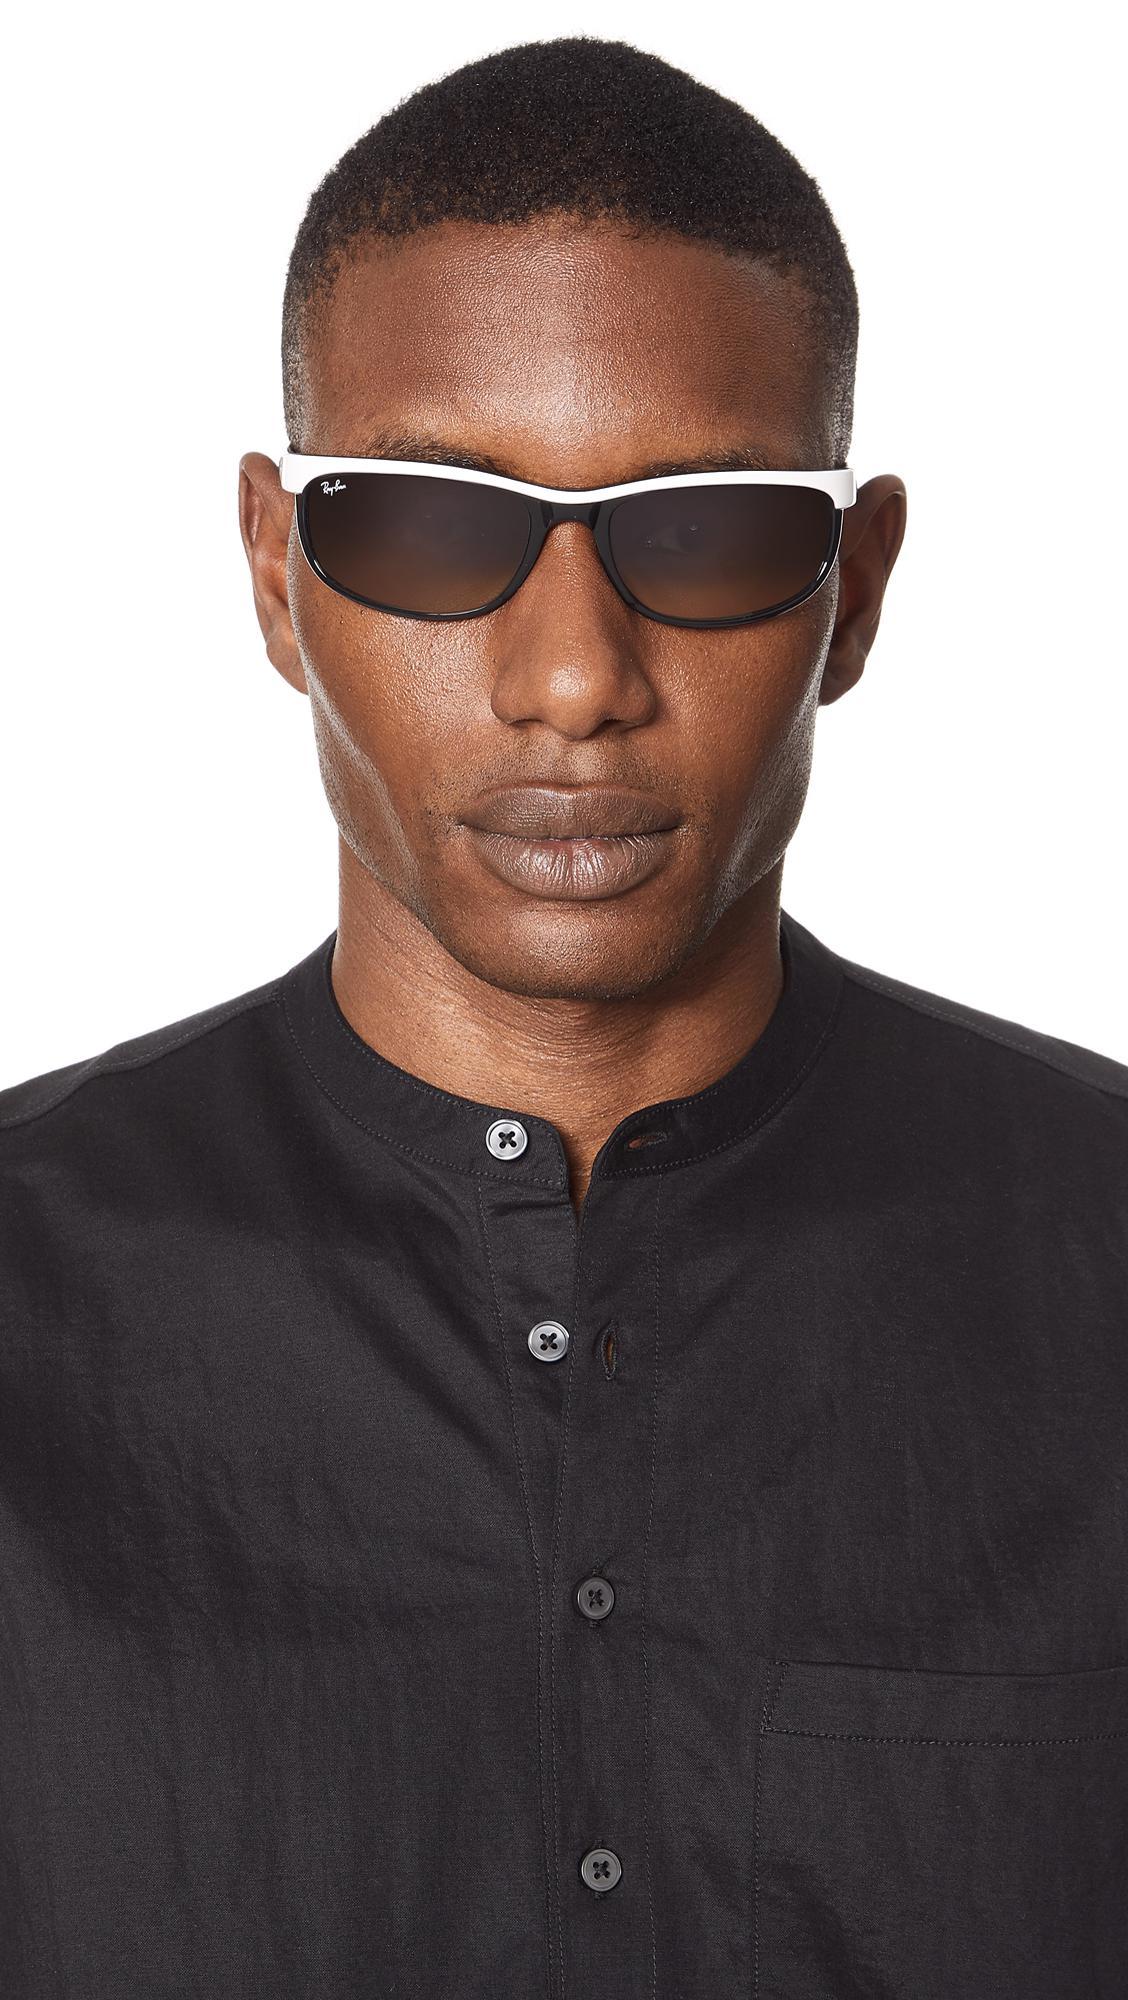 ray ban predator 2 sunglasses uk